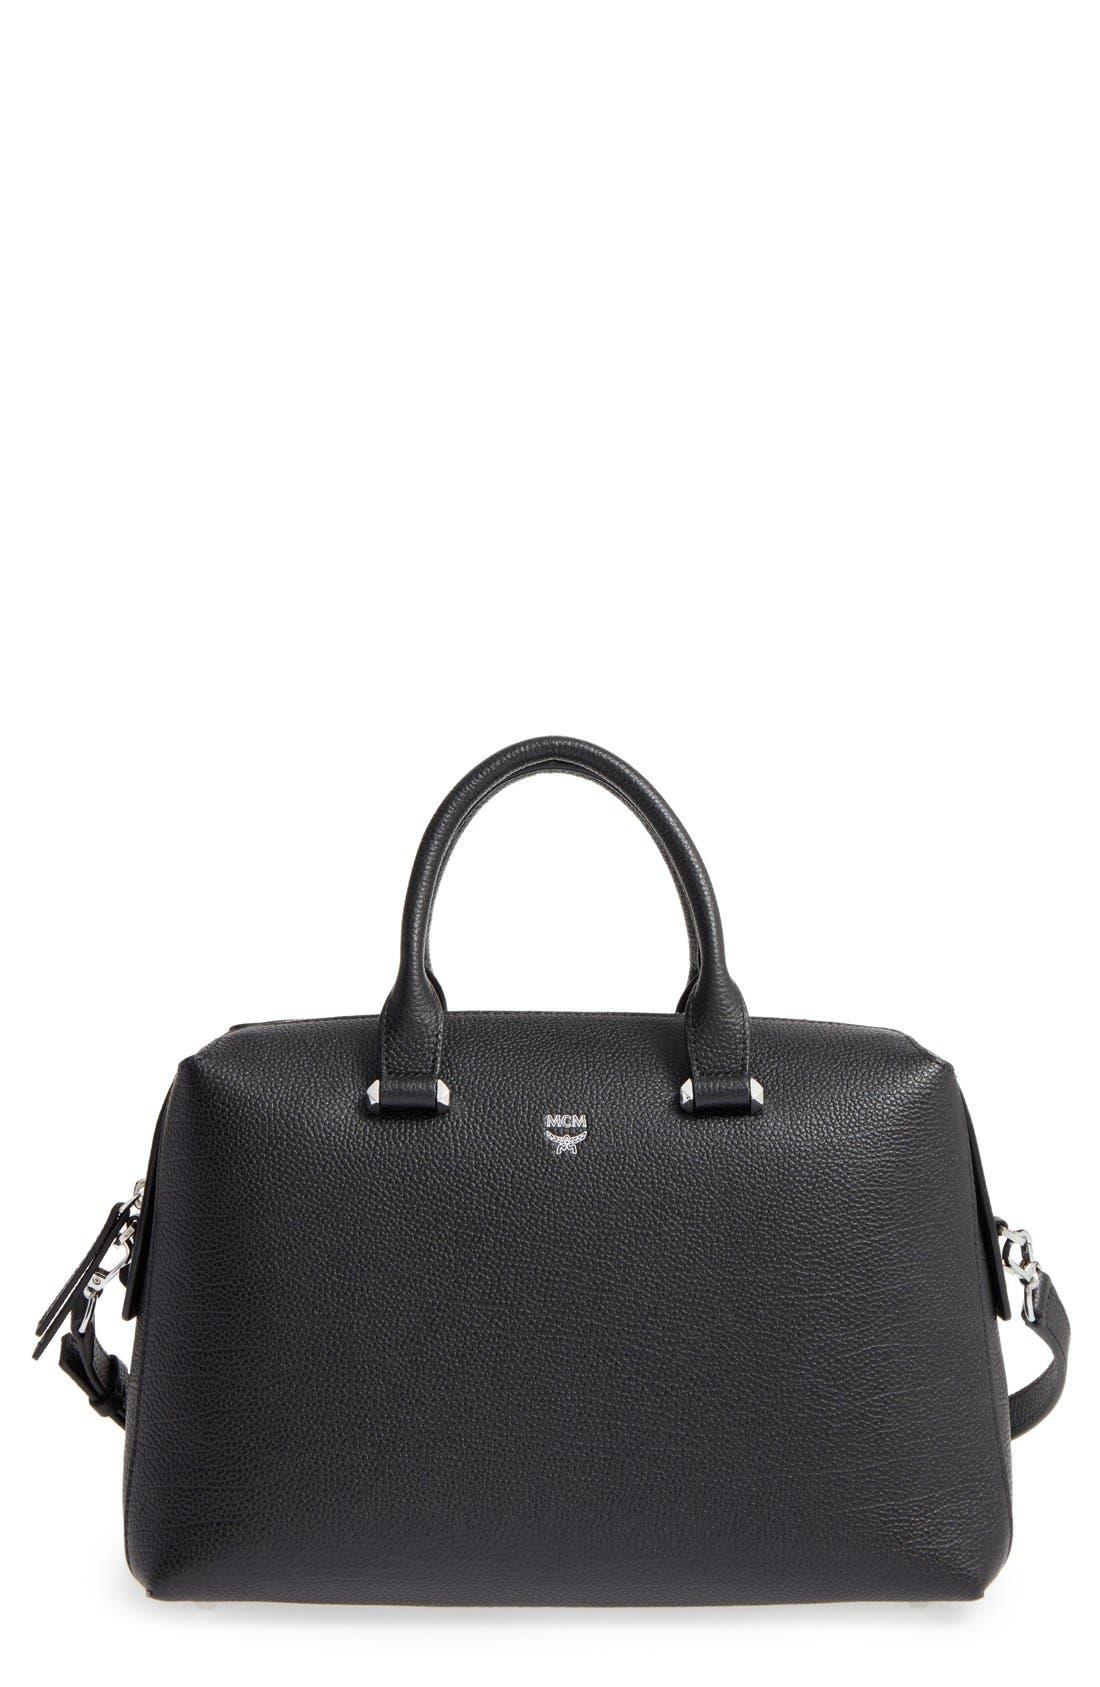 Alternate Image 1 Selected - MCM Medium Ella Boston Bowler Bag